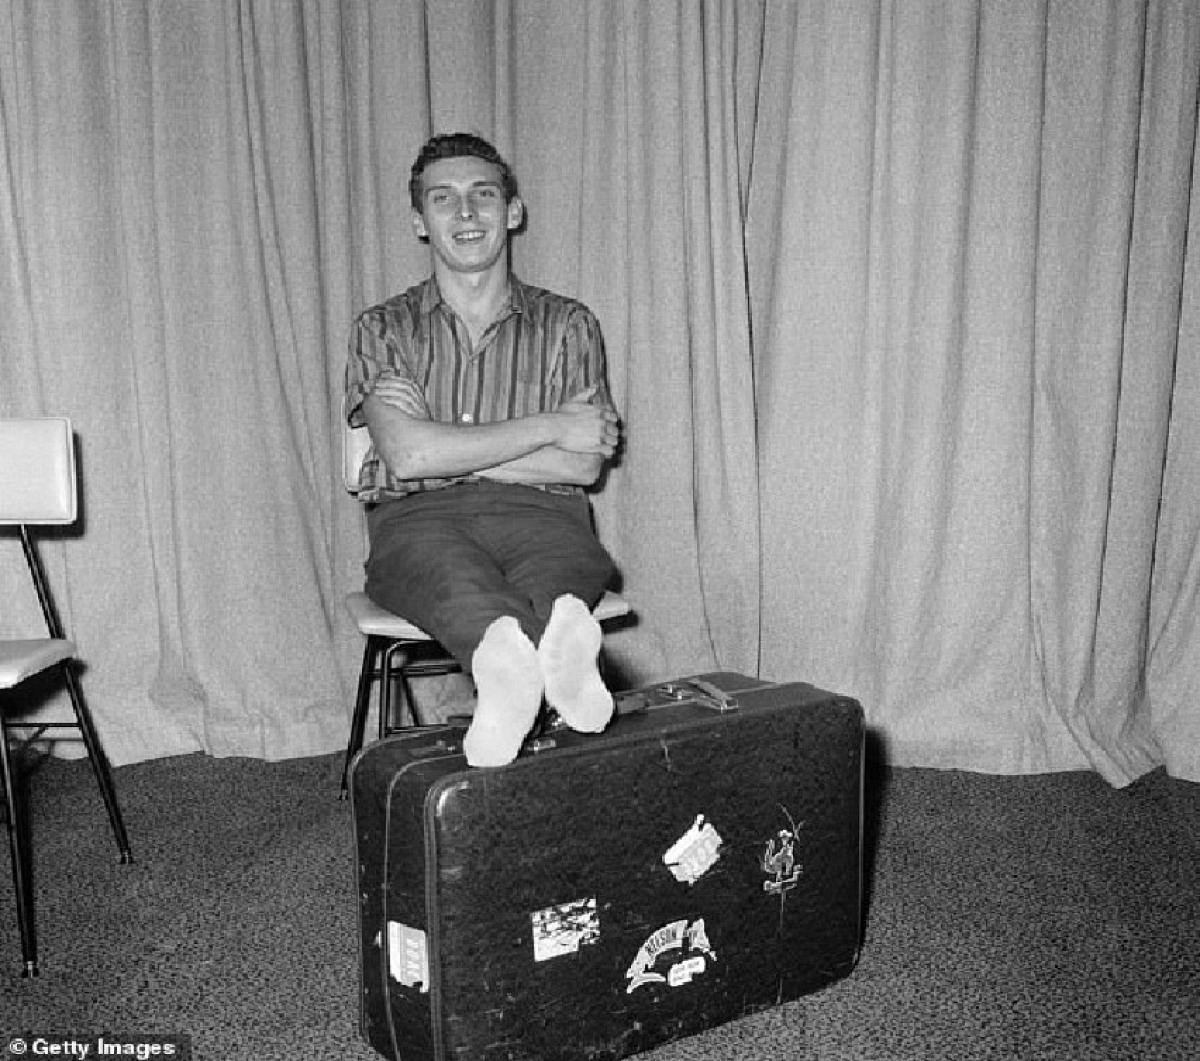 Robson làm việc tại công ty đường sắt Victoria ở Melbourne, Australia. Ảnh: Getty Images